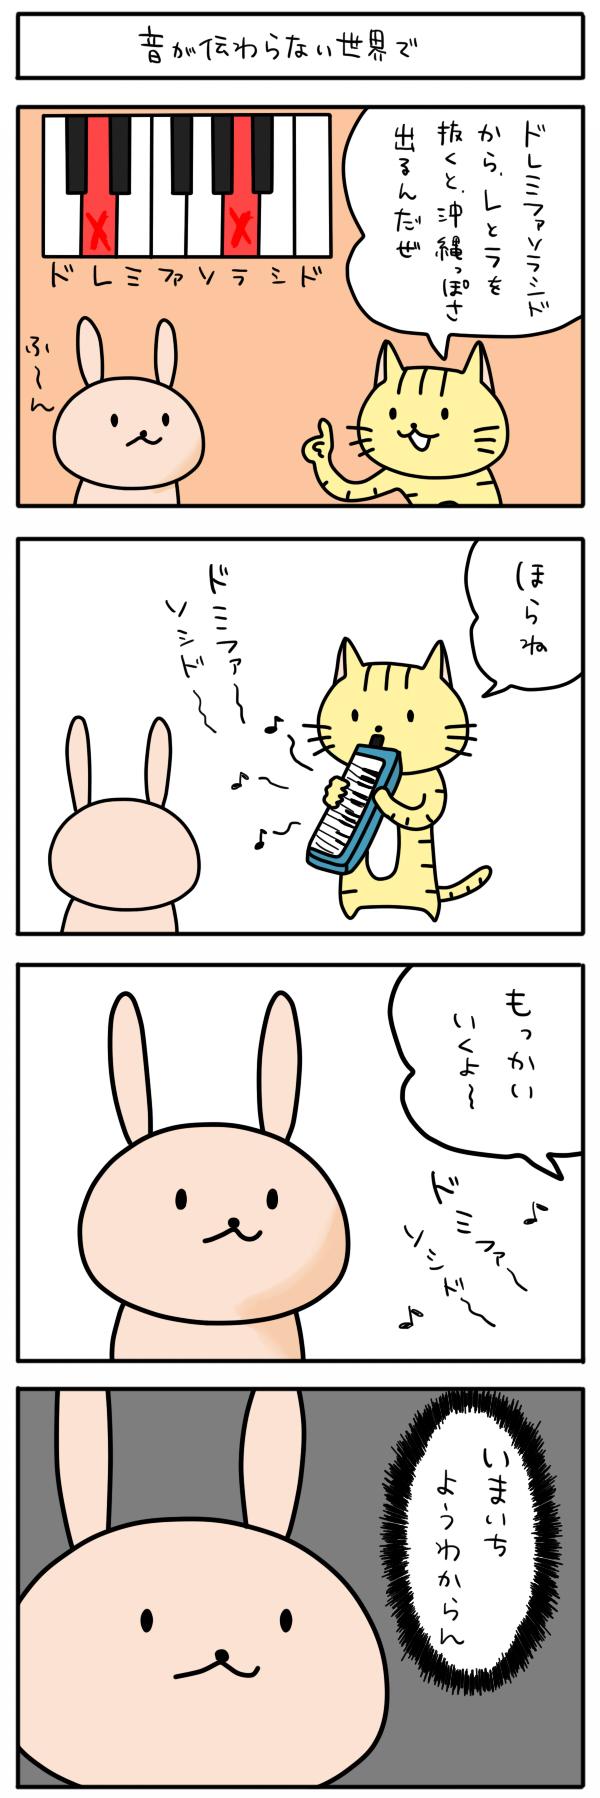 ネタ 漫画 四 コマ